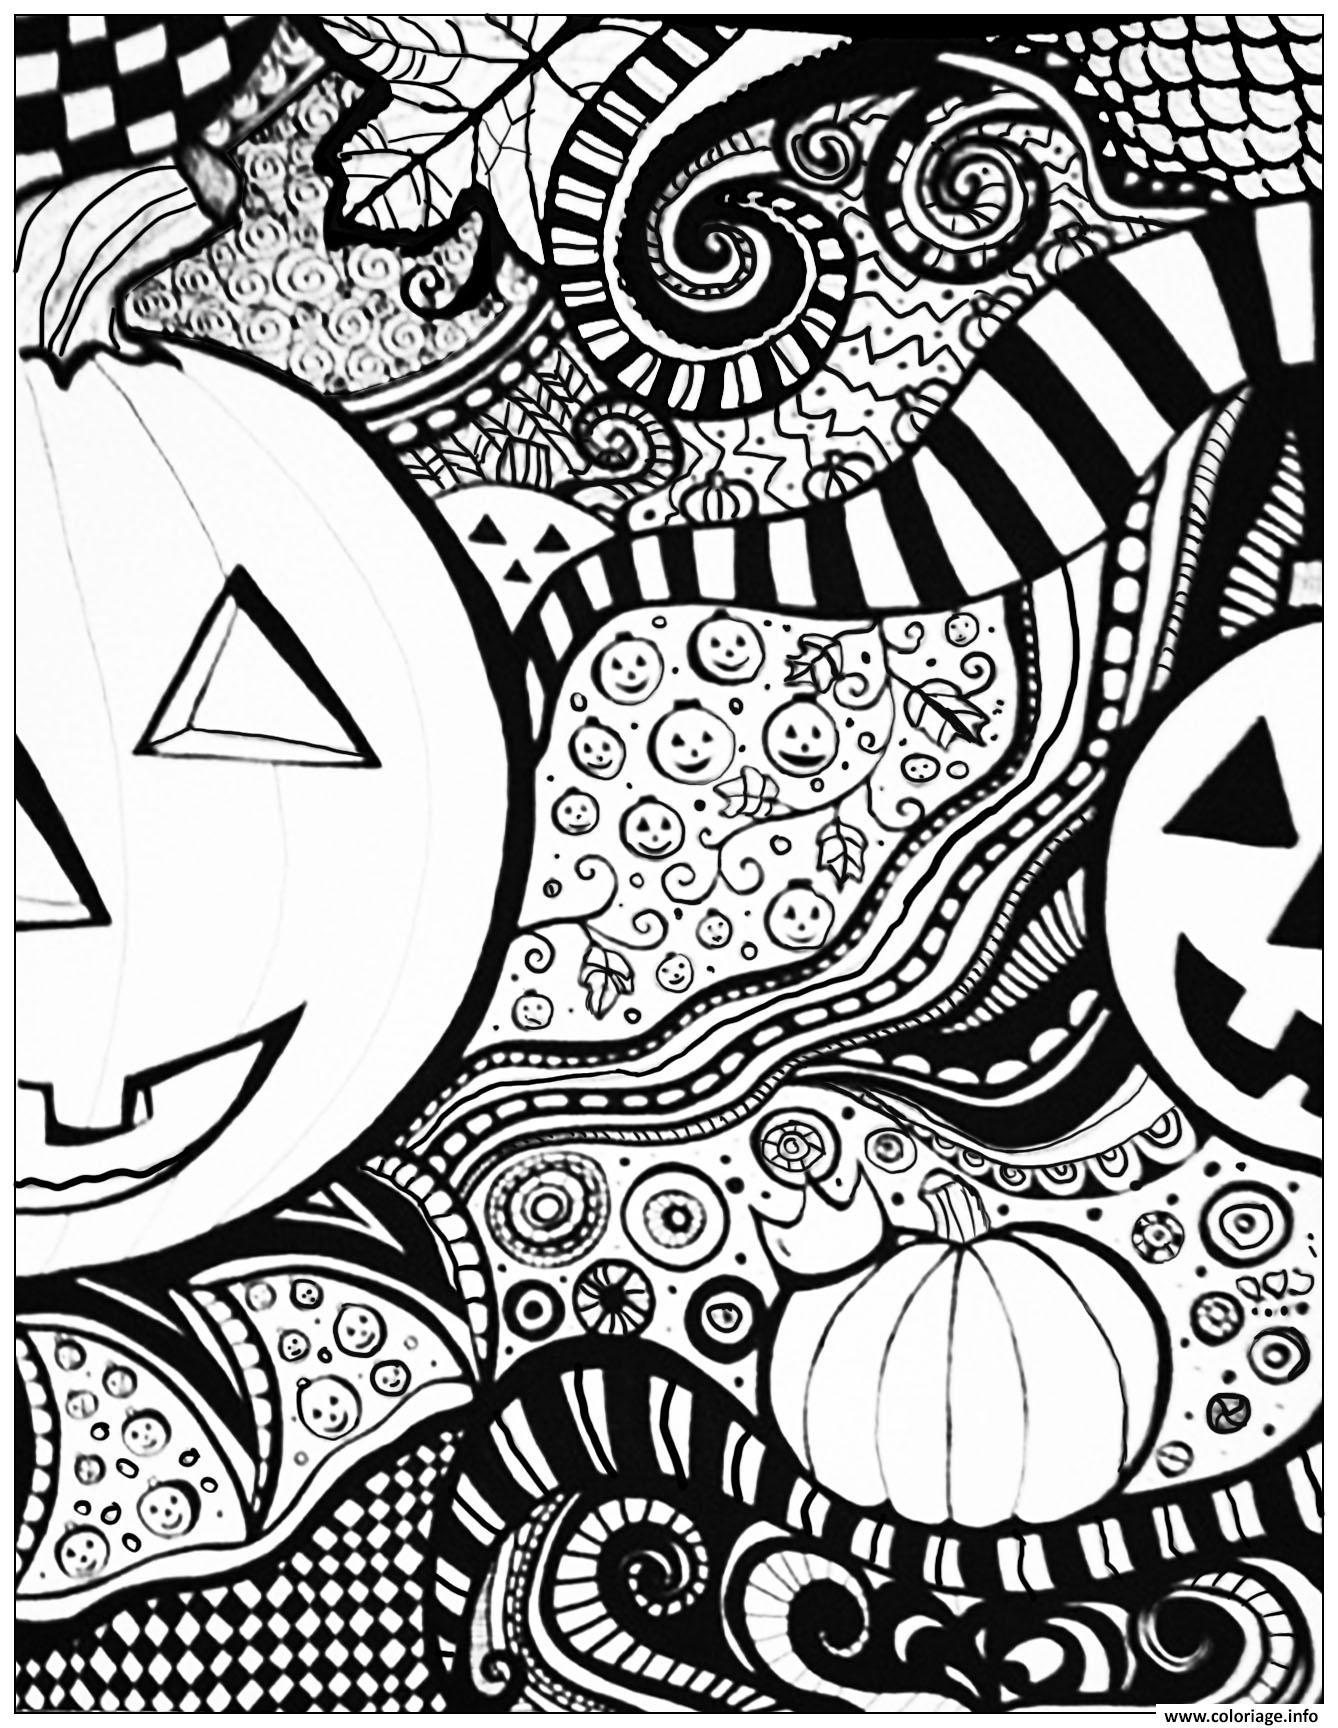 Coloriage Emoji Difficile.Coloriage Adulte Halloween Pattern Difficile Dessin